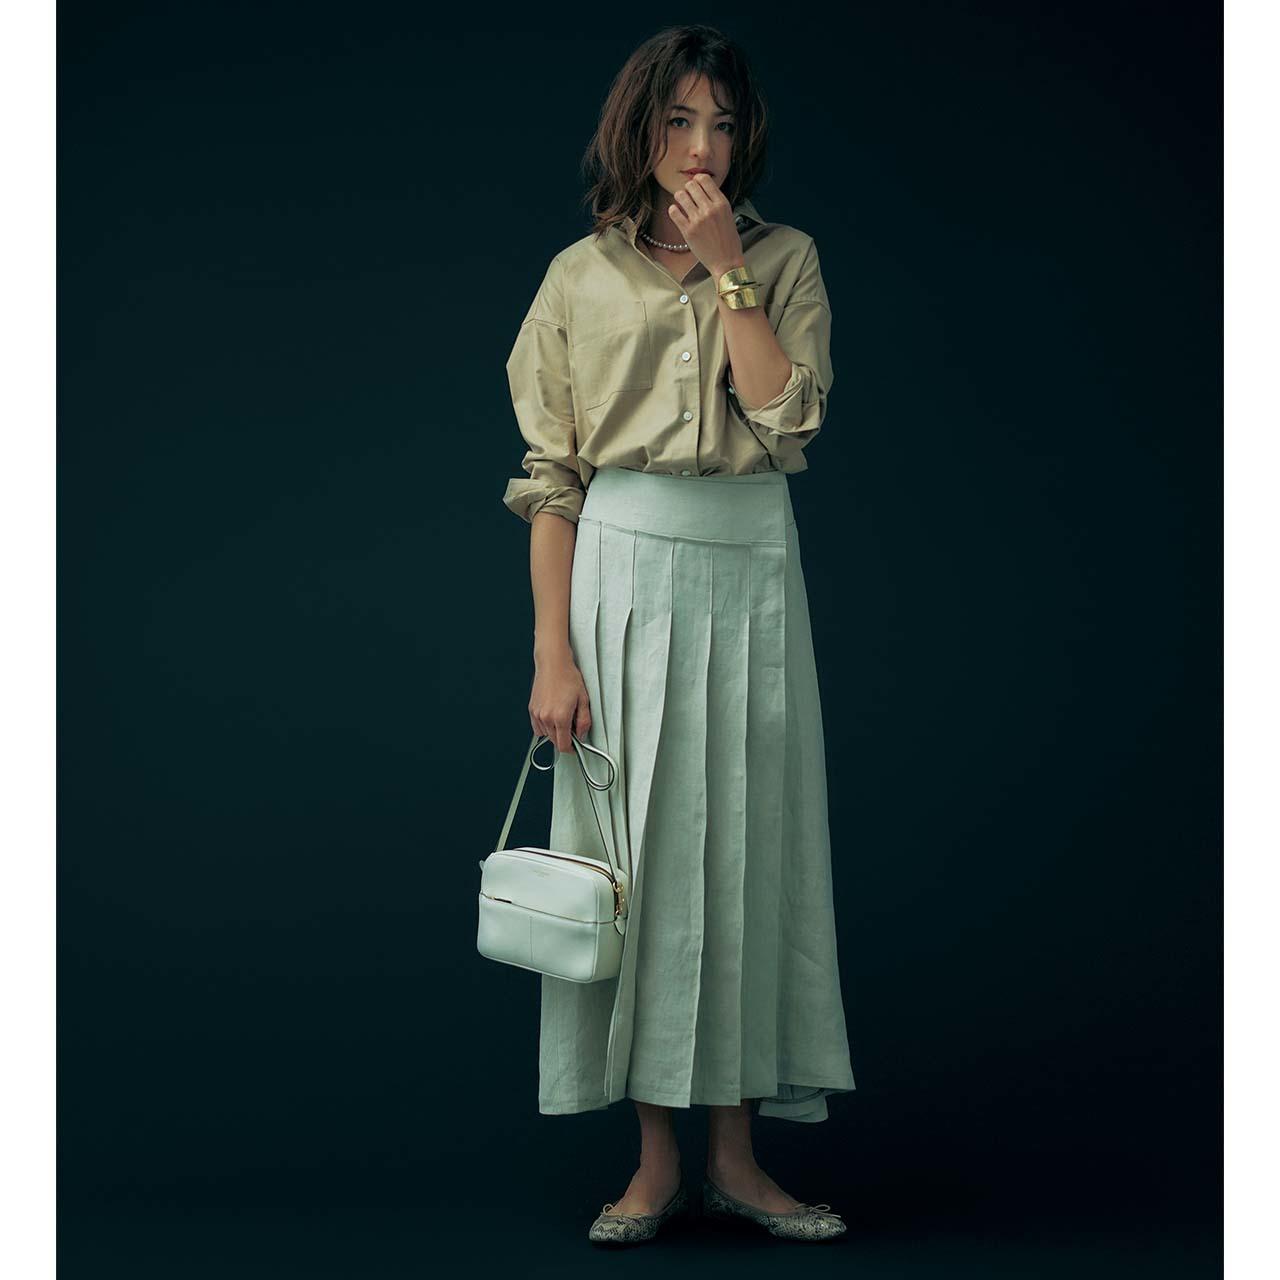 シャツ×ラップスカートコーデを着たモデルのRINAさん